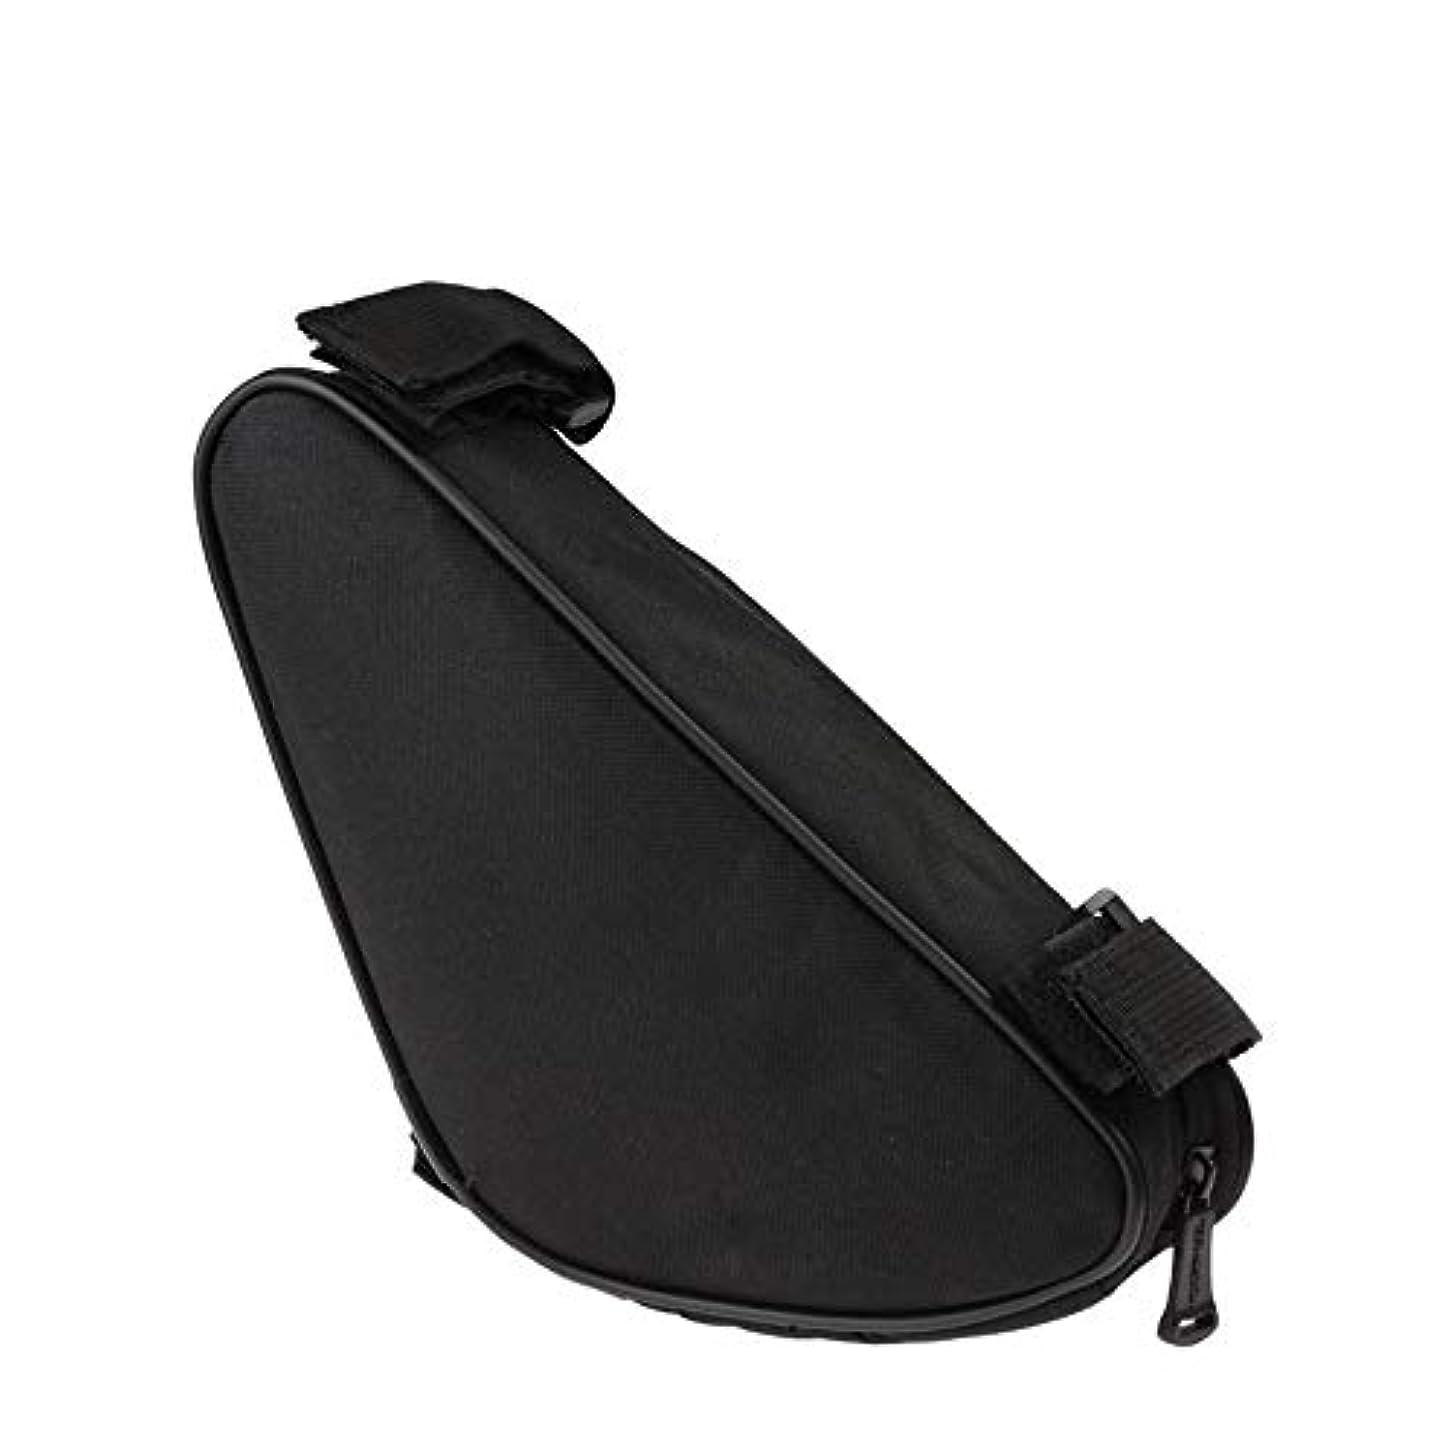 腫瘍のヒープ長くするサイクリングフレームバッグ 屋外MTBのロードバイクのための座席上の管のパックの防水バイクのパニエ袋の下の自転車の袋 電話収納バッグ (Color : Black, Size : 35.5*4.5*14cm)